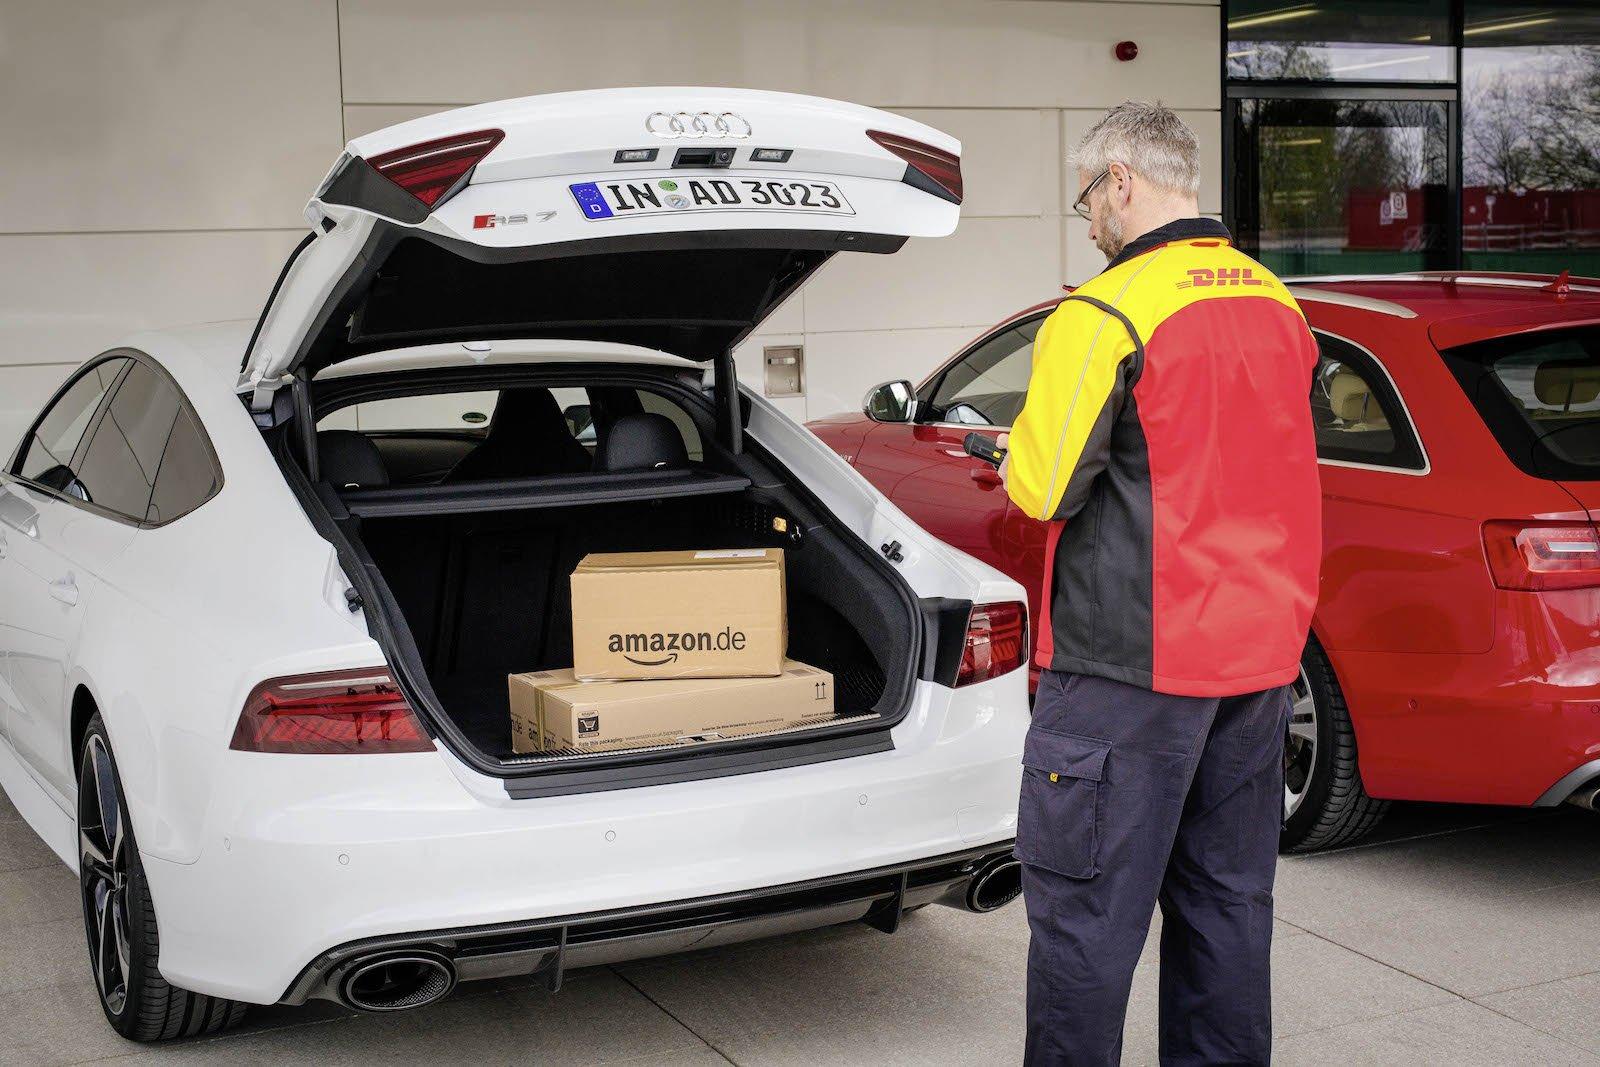 In dem Angebot, das eigene Auto als mobile Lieferadresse zu nutzen, sehen Amazon, DHL und Audi vor allem für Pendler eine attraktive Alternative.